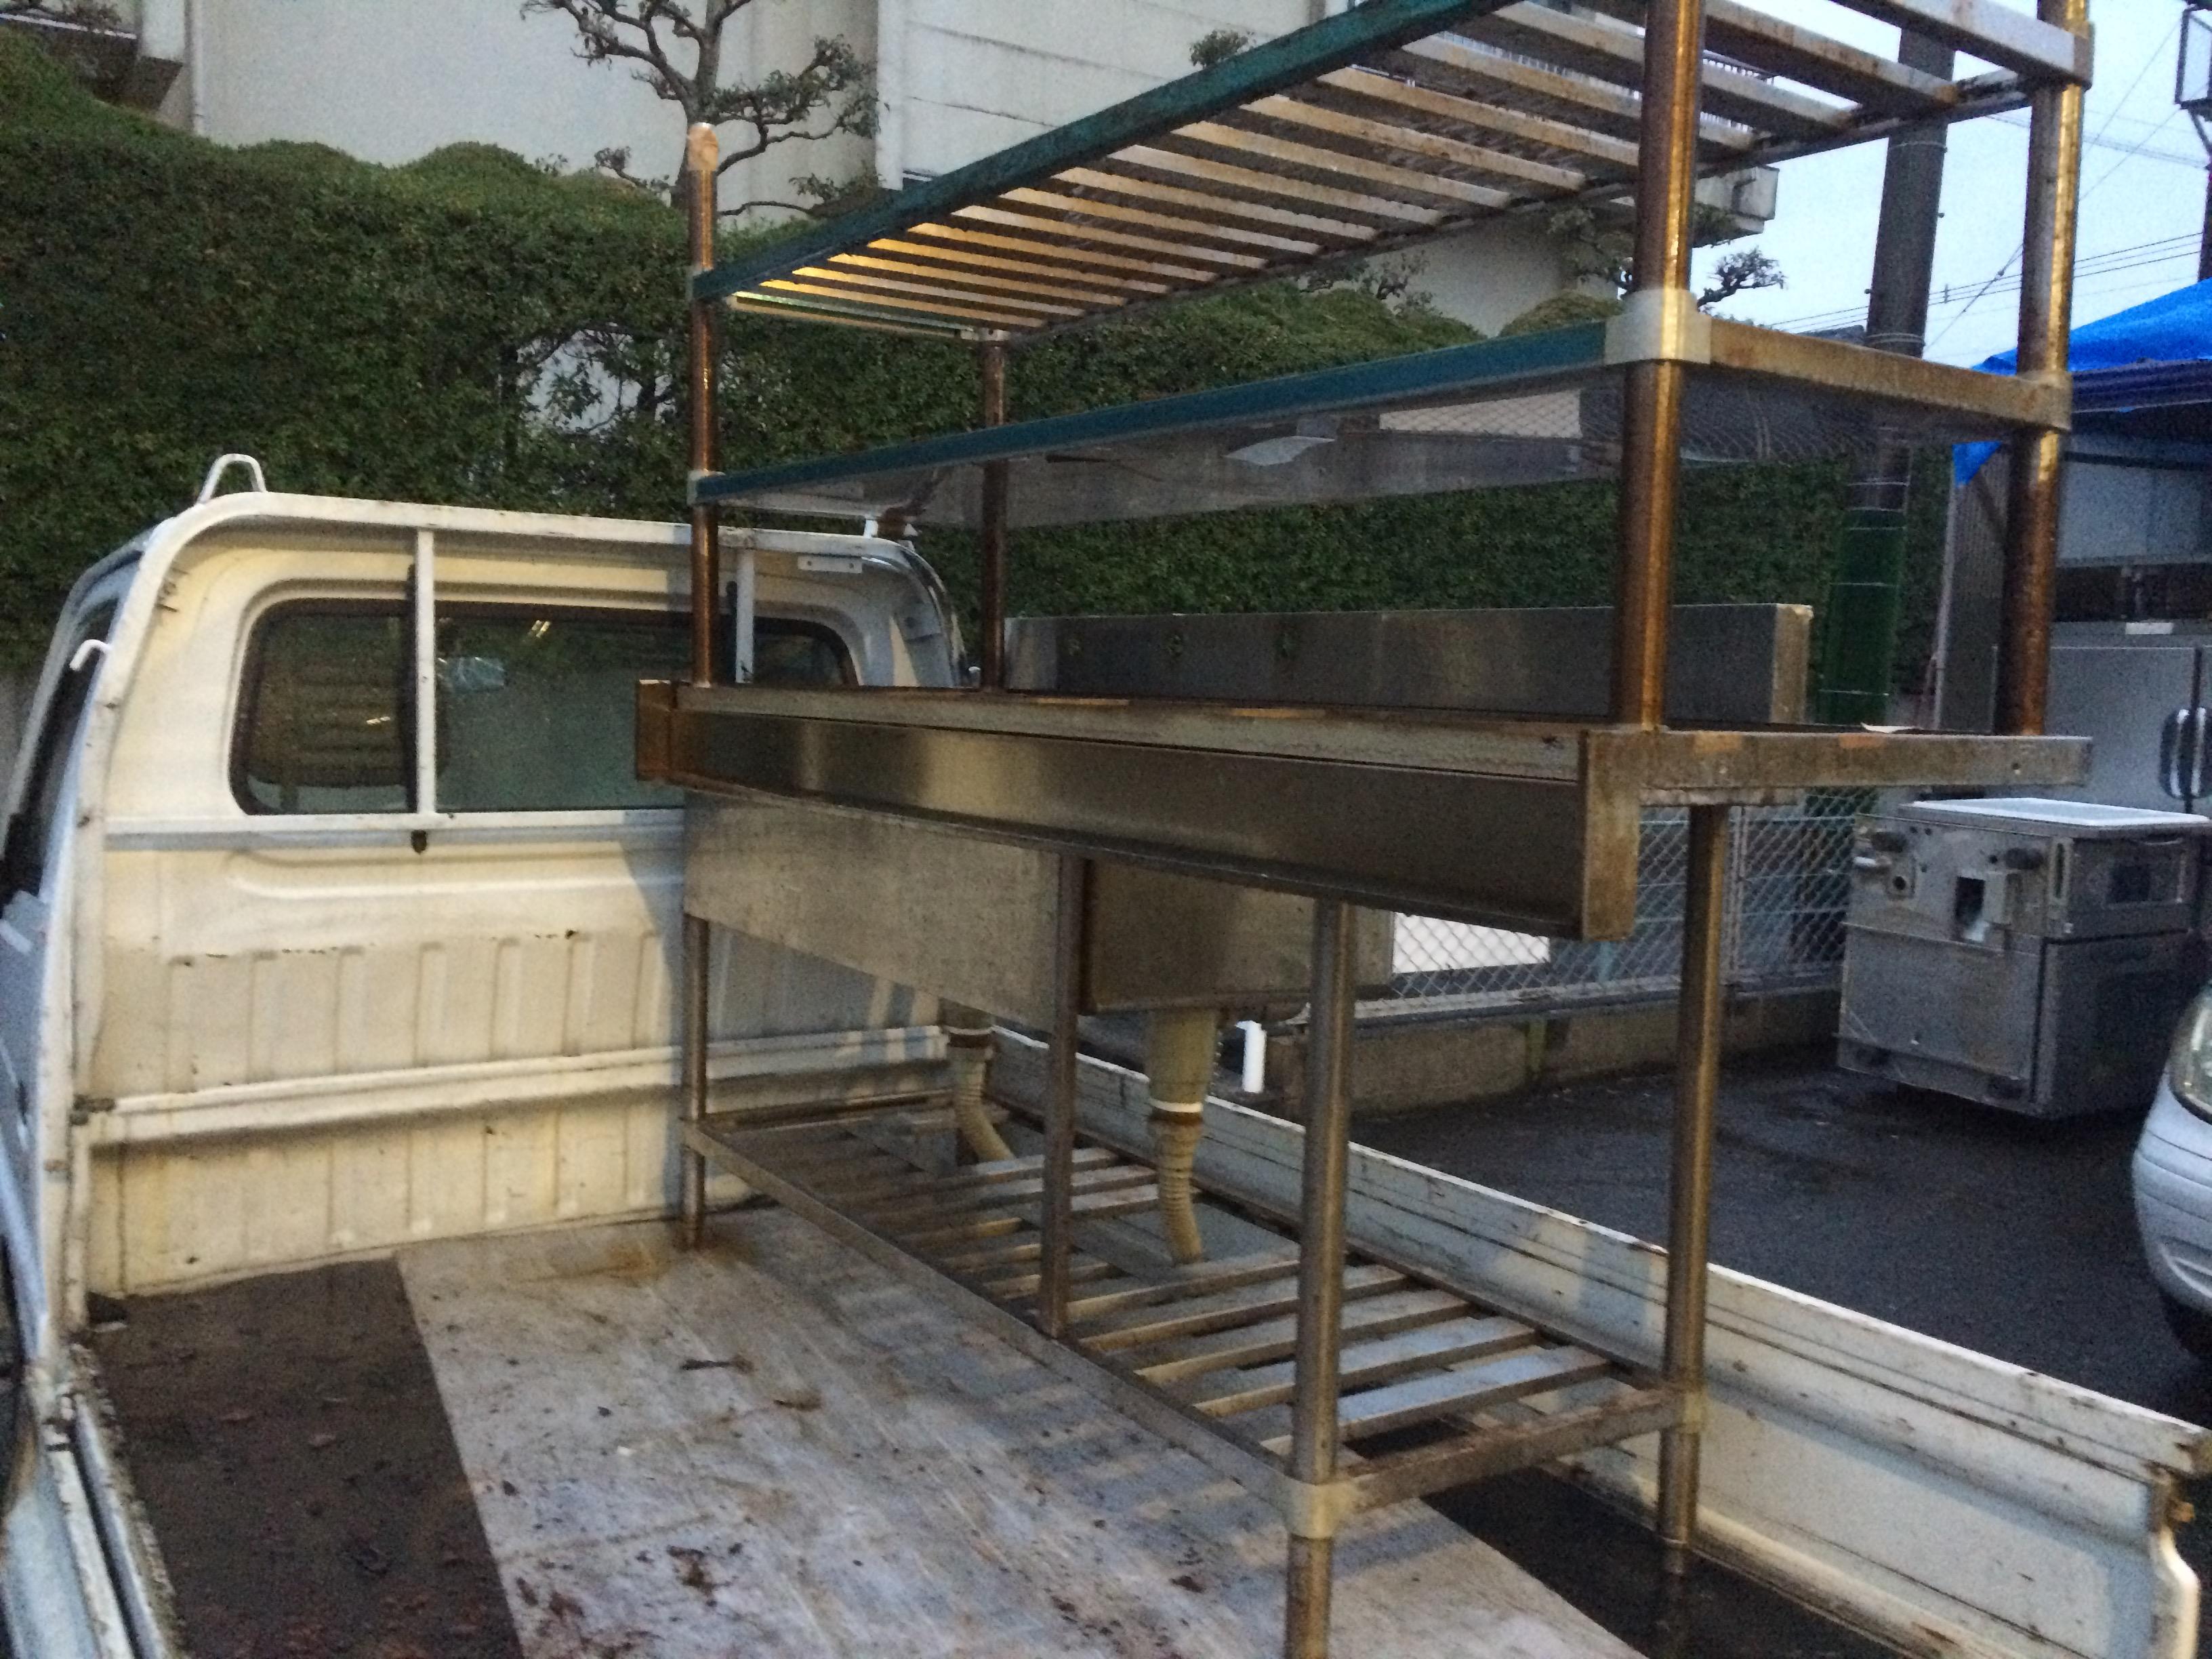 2槽シンク・調理台 買取ました! 福岡・熊本で厨房機器の事は厨房ジャックへ